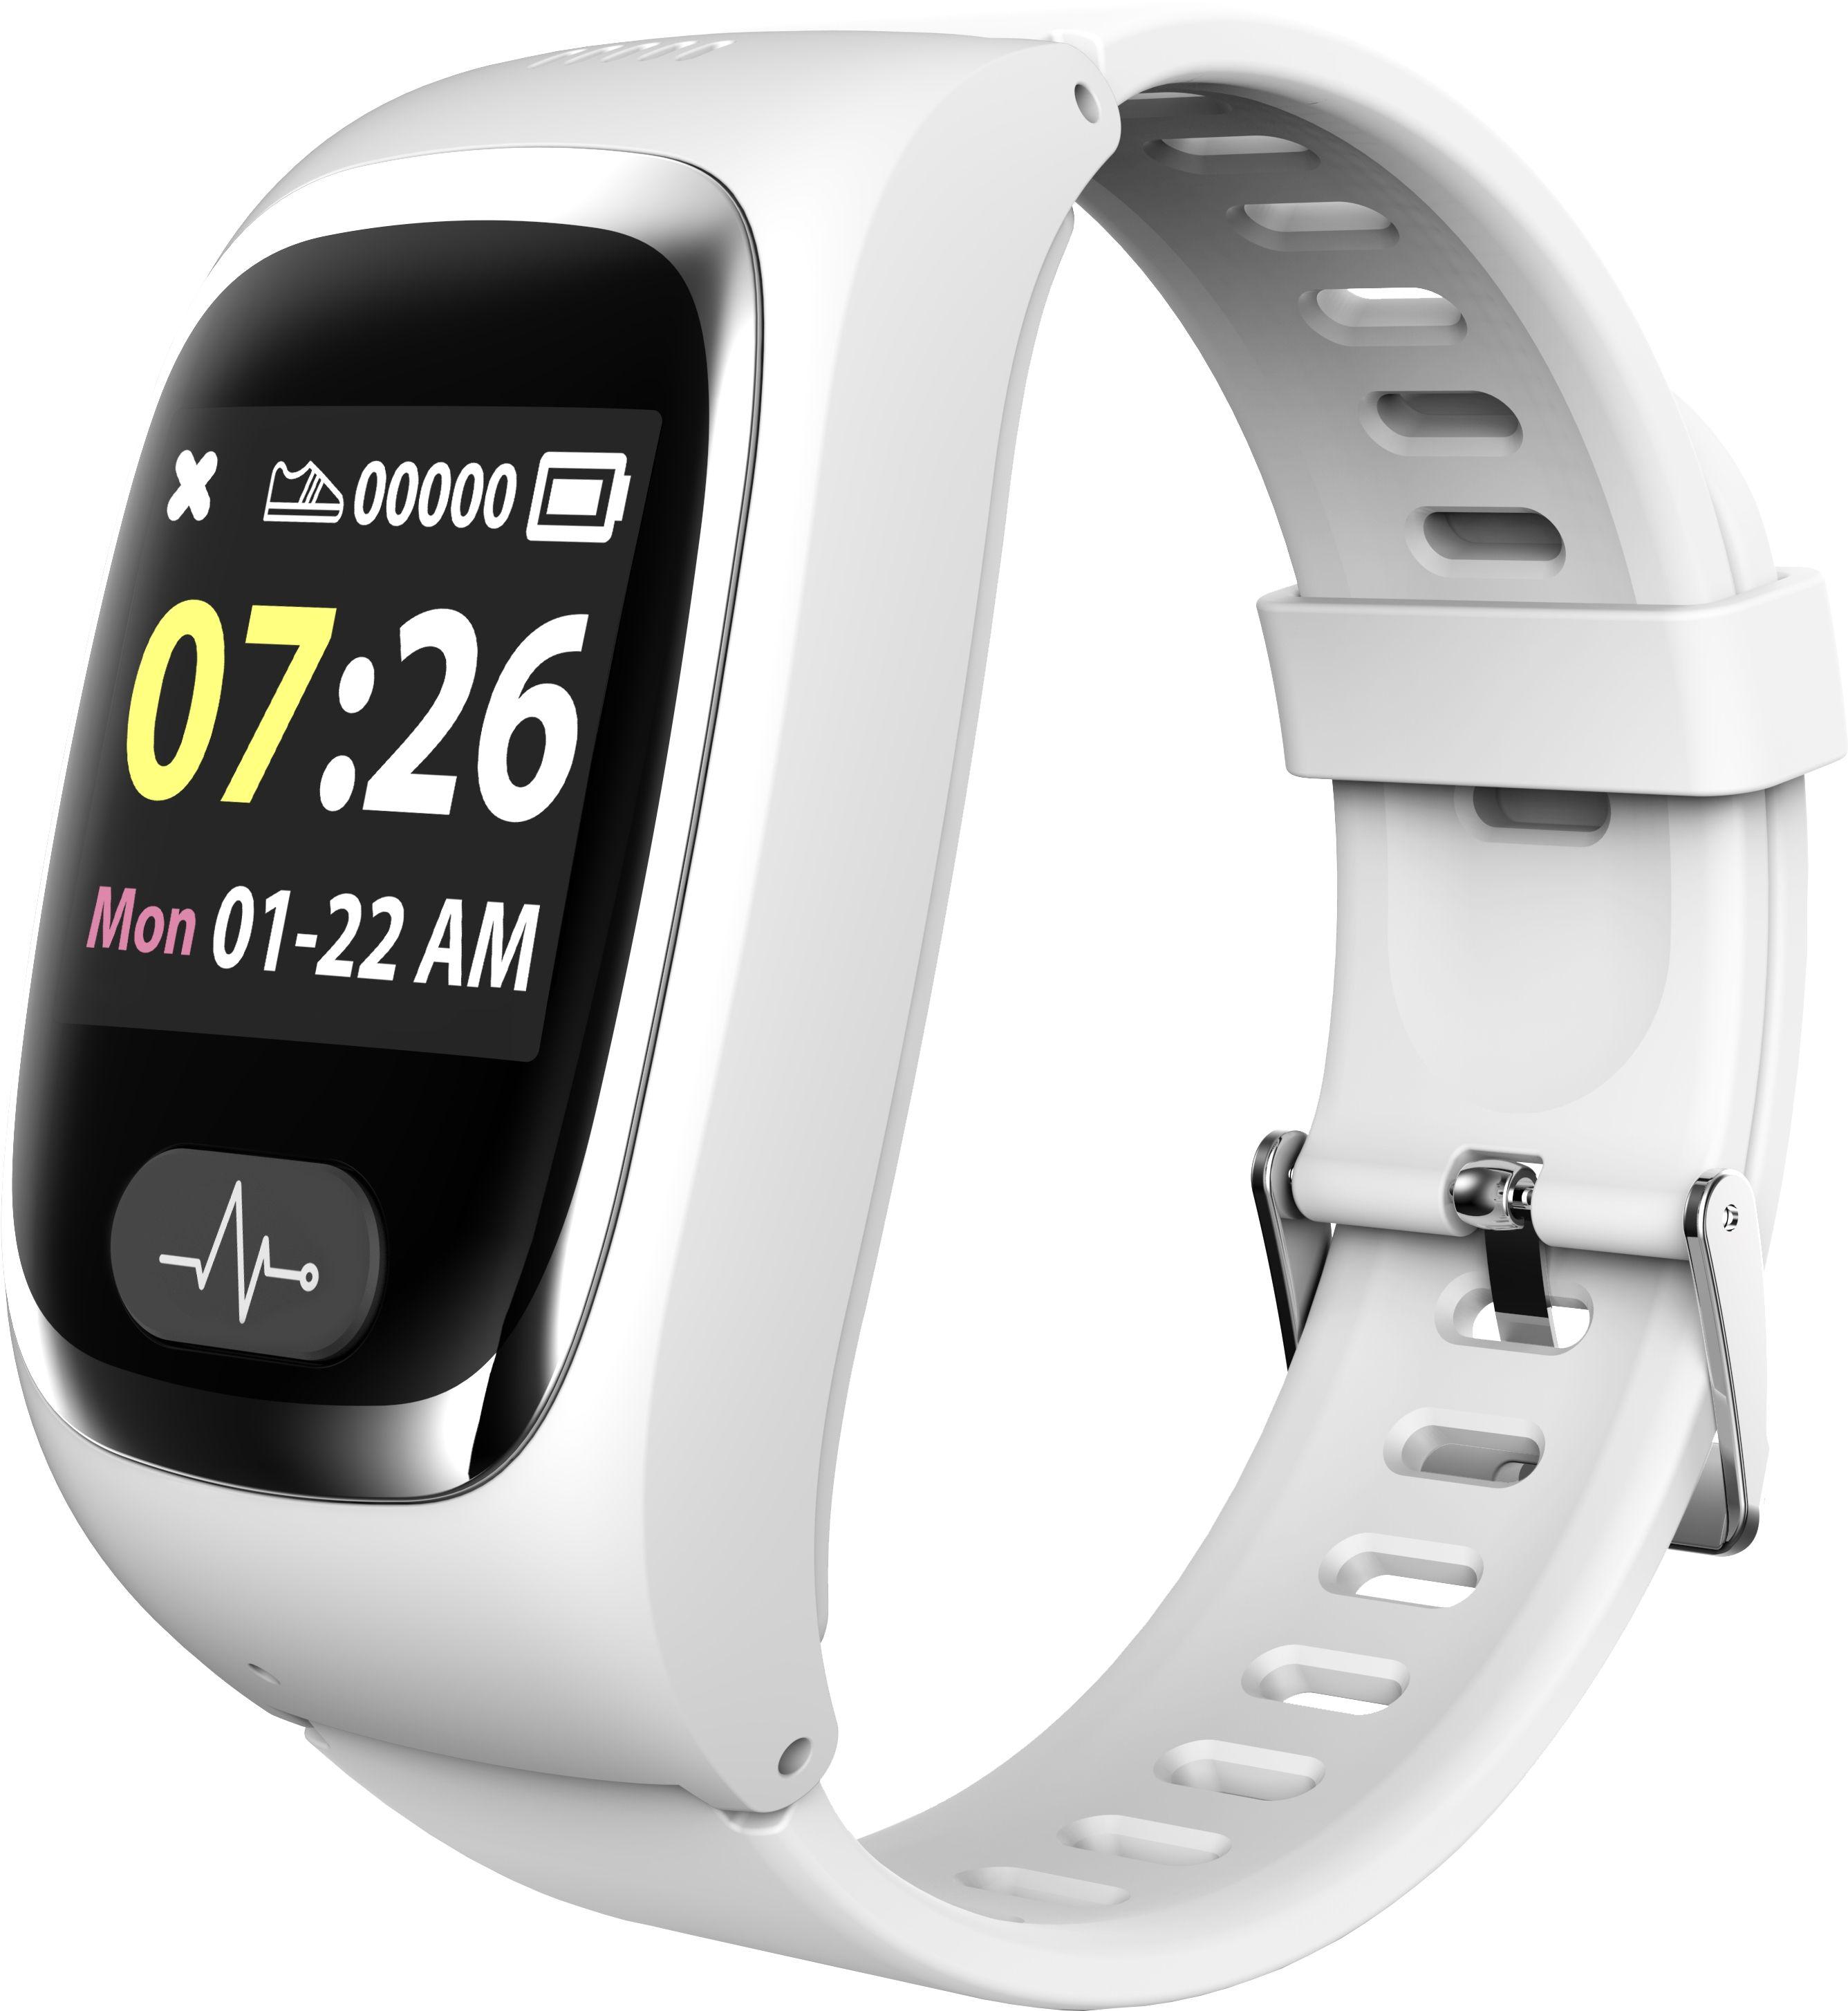 8059f4d3c3a8483dd85420baa7131822 Smart Watch Gps Tracker